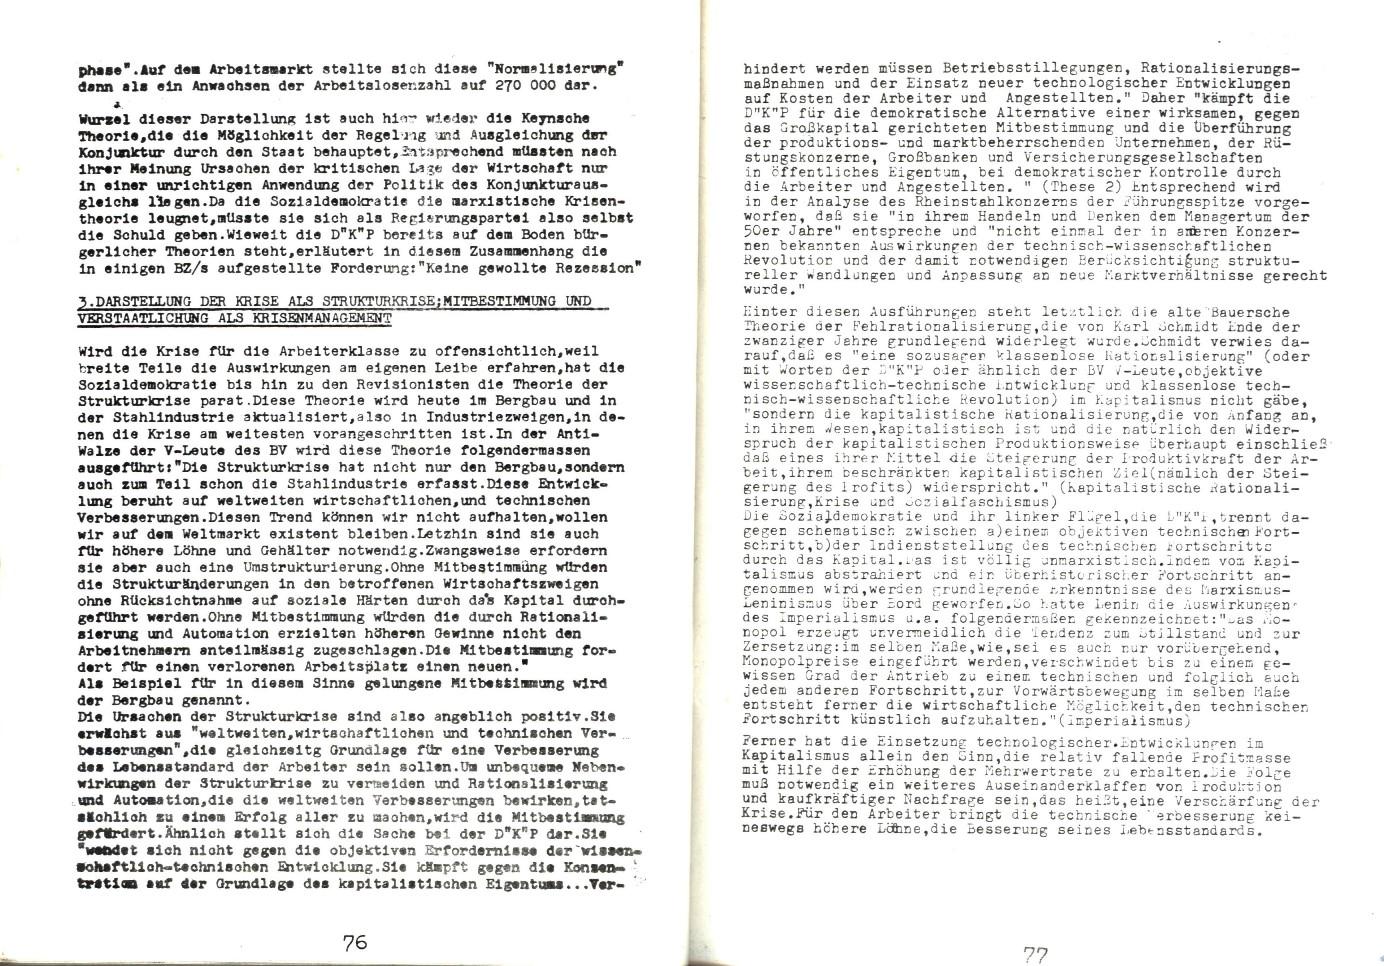 NRW_KPDML_Der_Bolschewist_1972_04_40